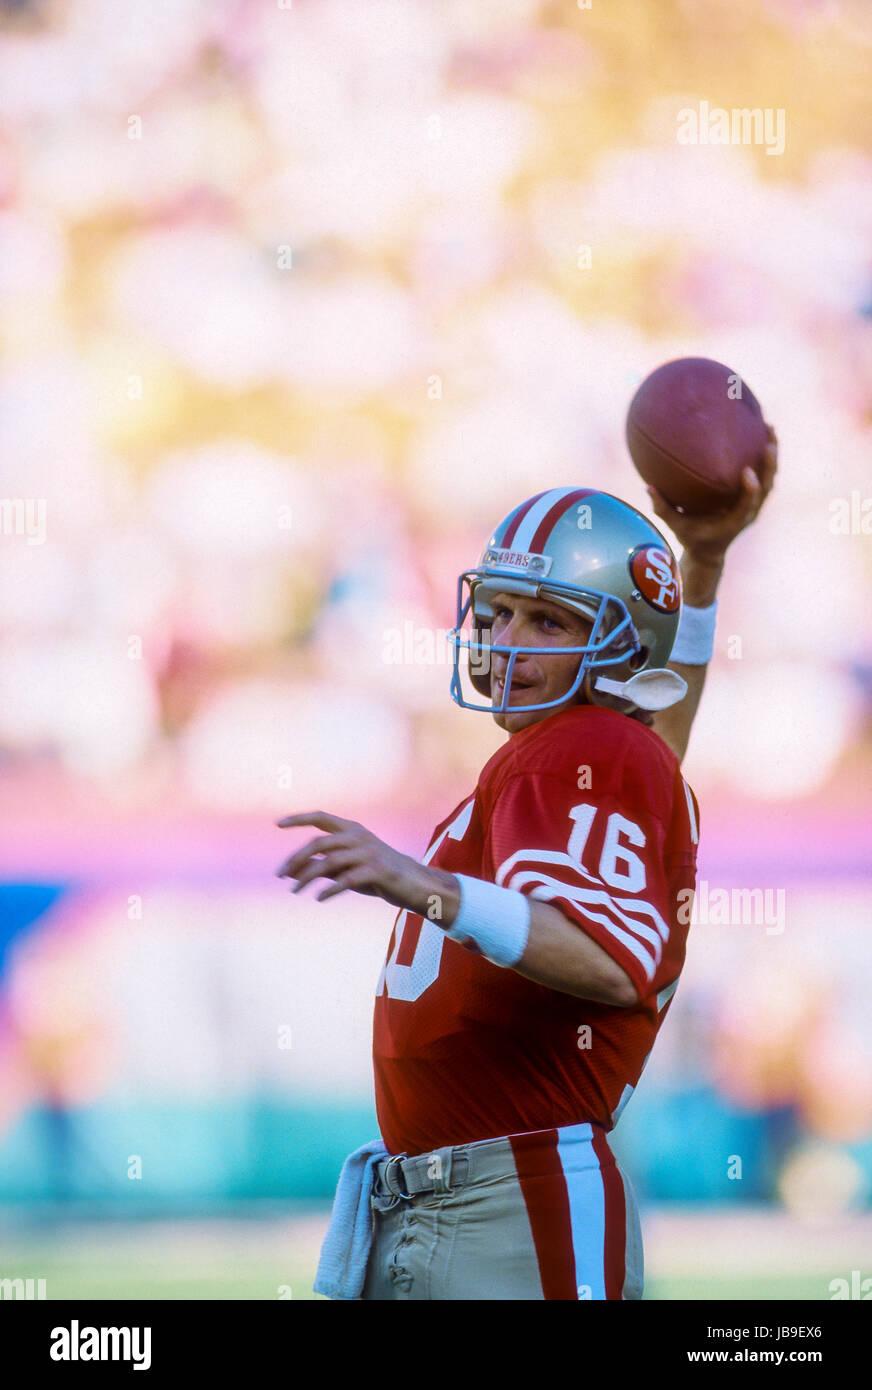 Joe Montana San Francisco 49ers quarterback en el Super Bowl 1989 Imagen De Stock